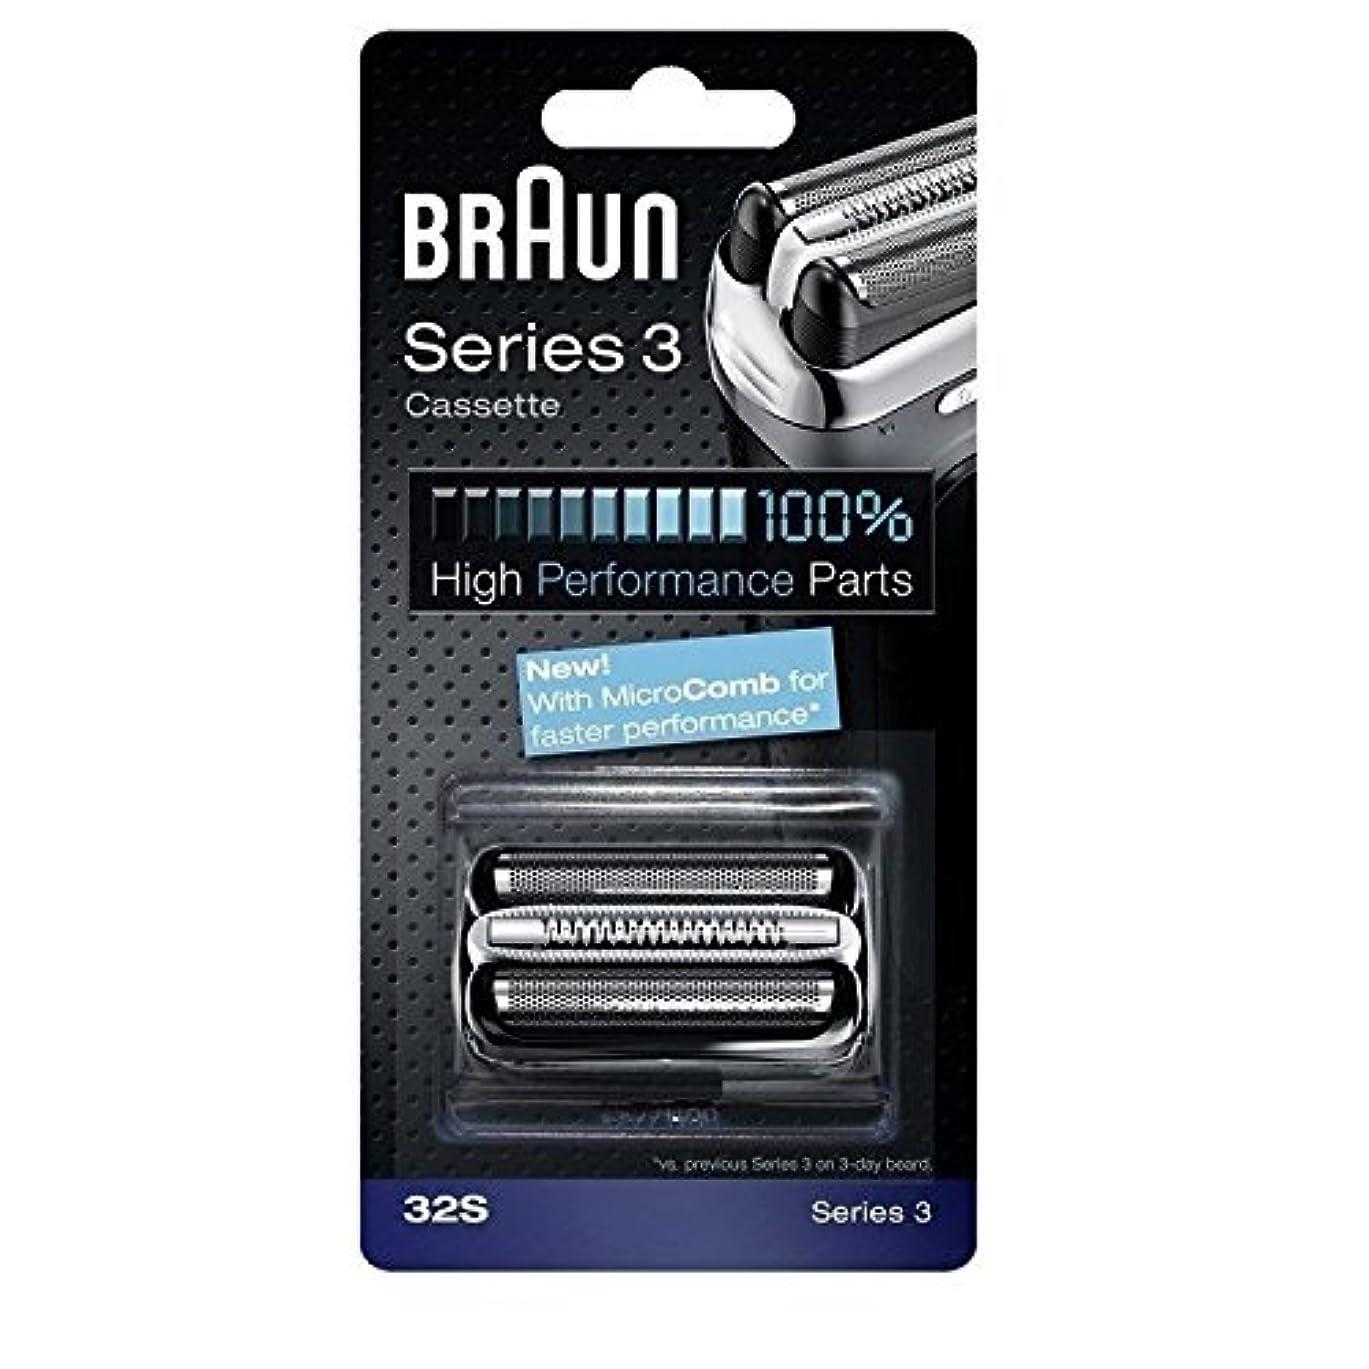 事件、出来事ぜいたく透過性Braun 32S シリーズ3コンビ 32S 置換カセット [並行輸入品]